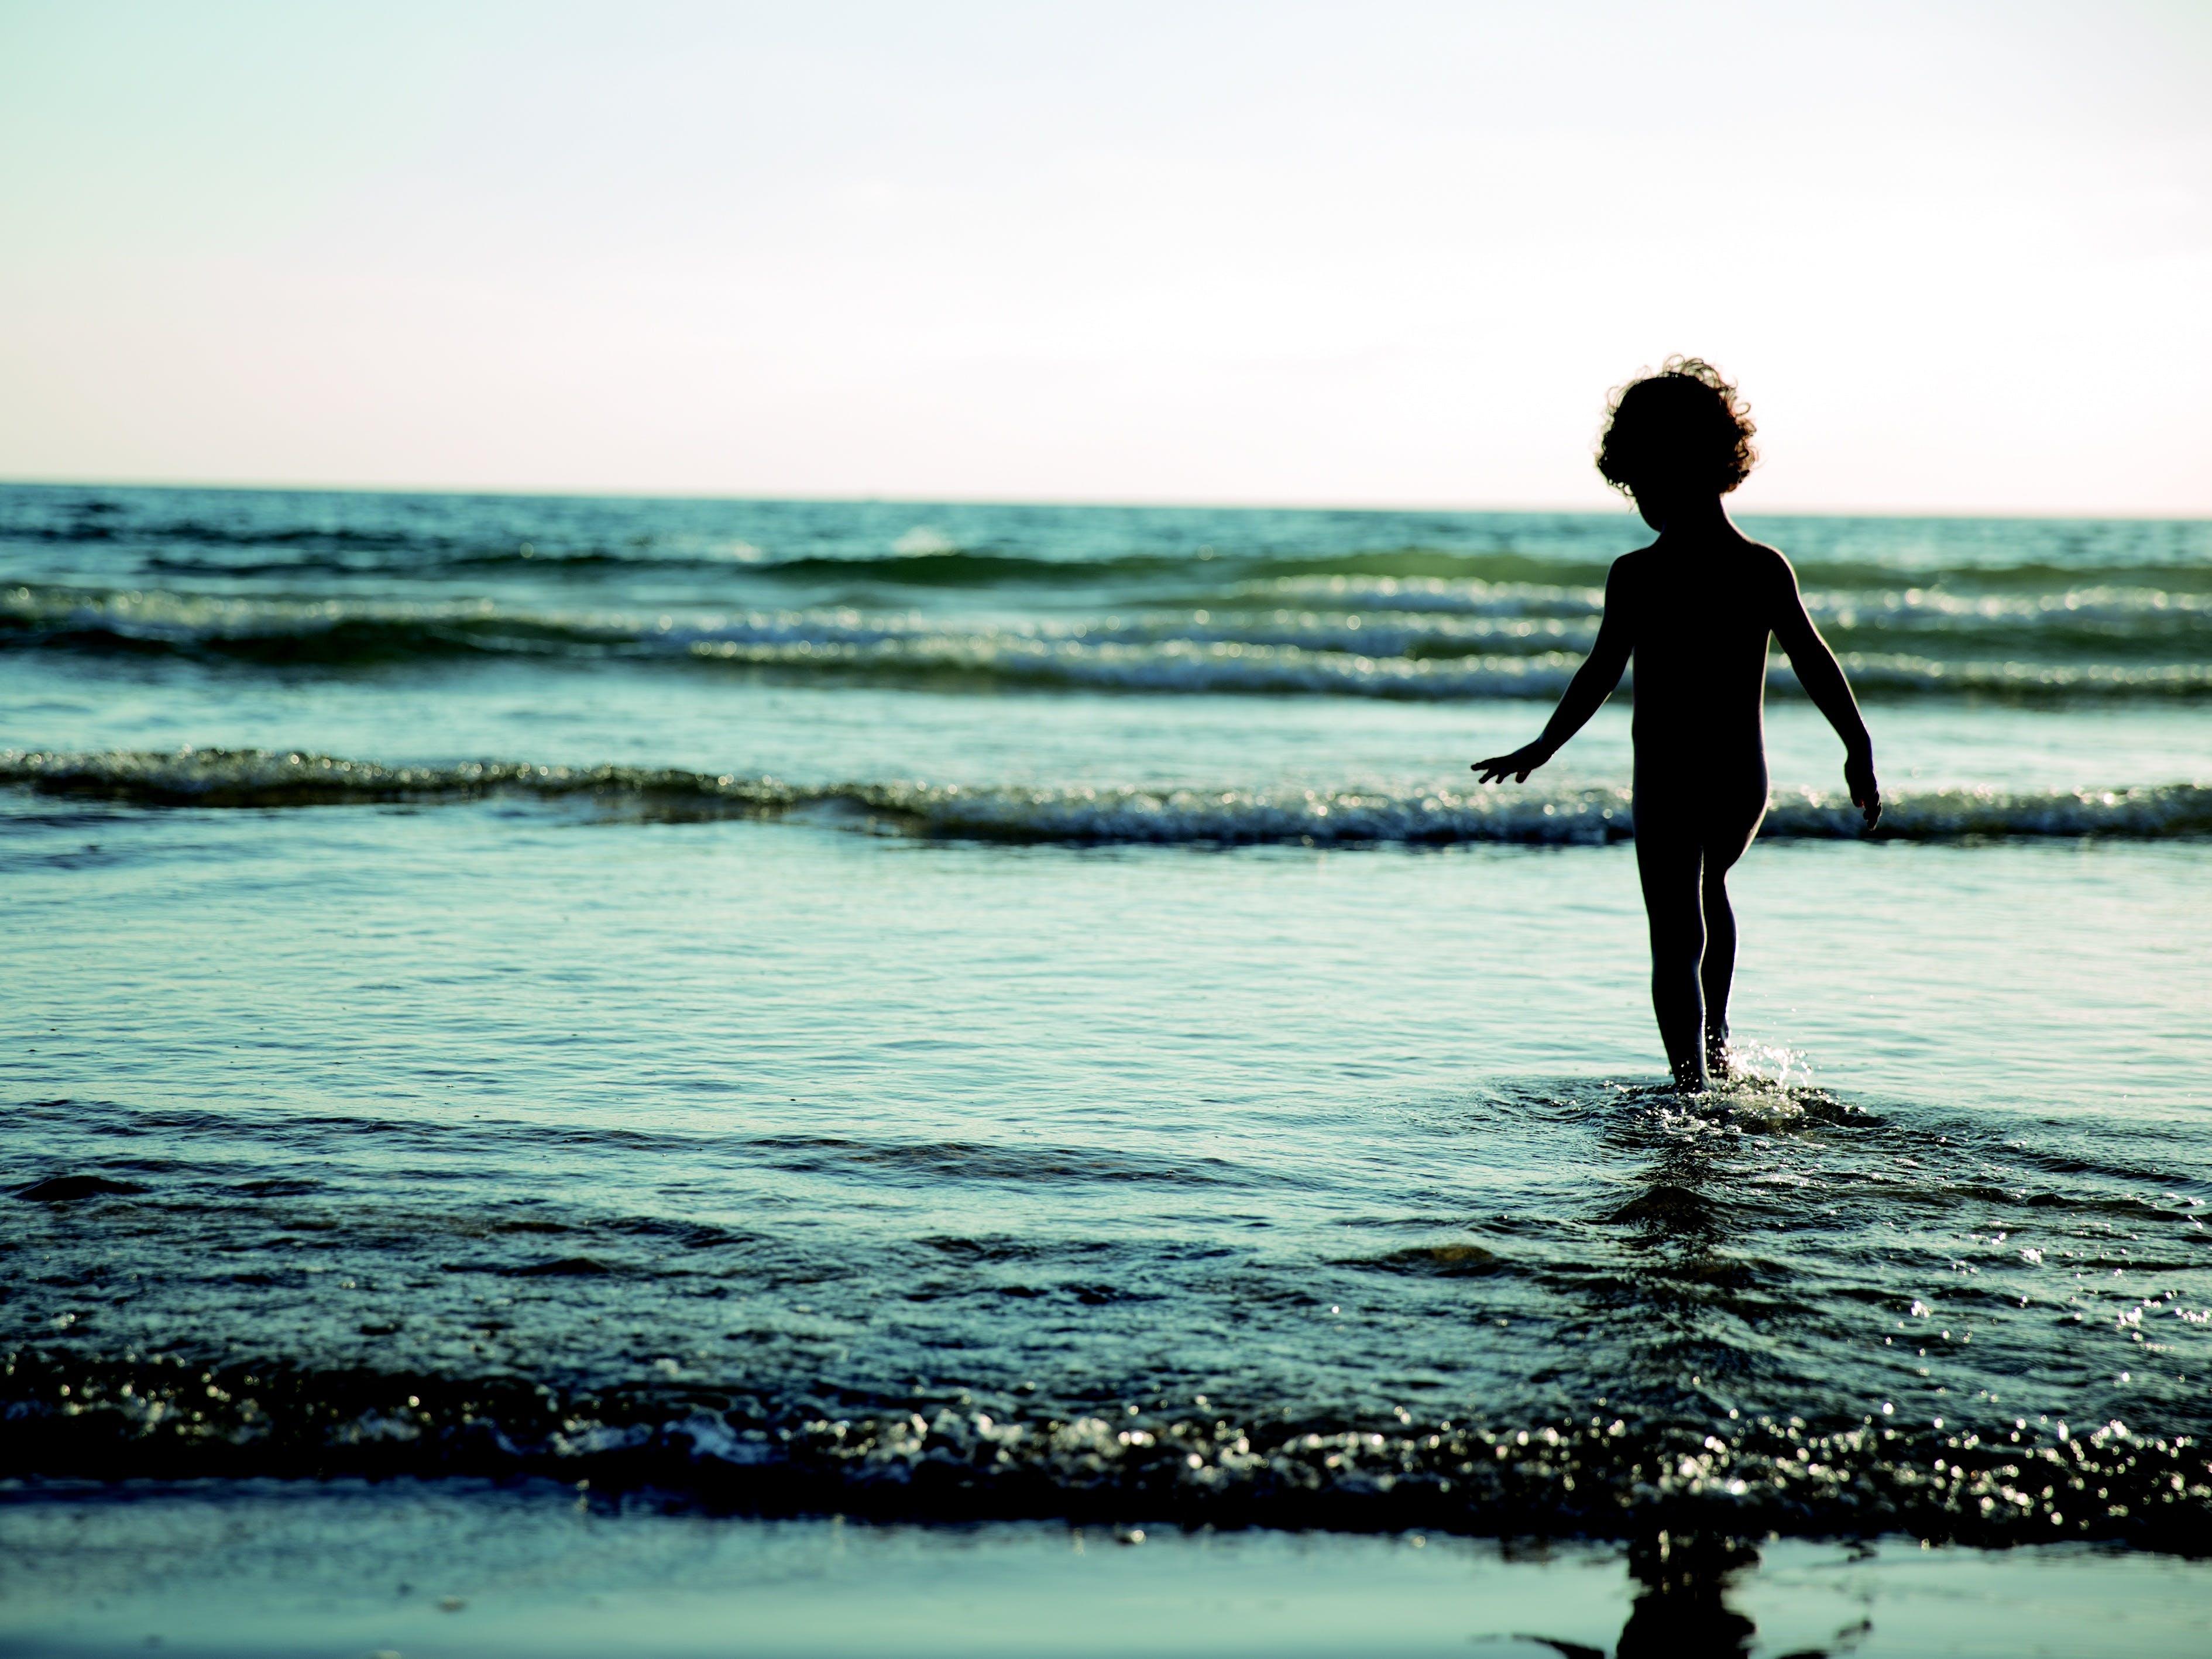 Child Walking on Seashore during Daytime